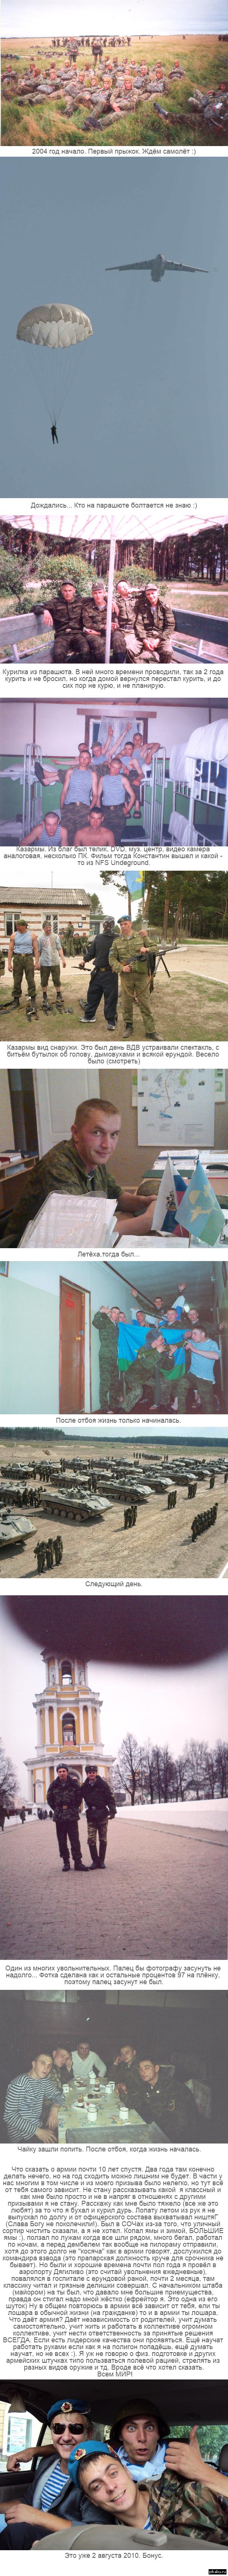 Мой пост о армии, уже далёкого 2004 года. Мой текстовые мысли, если кому они интересны, почти внизу.